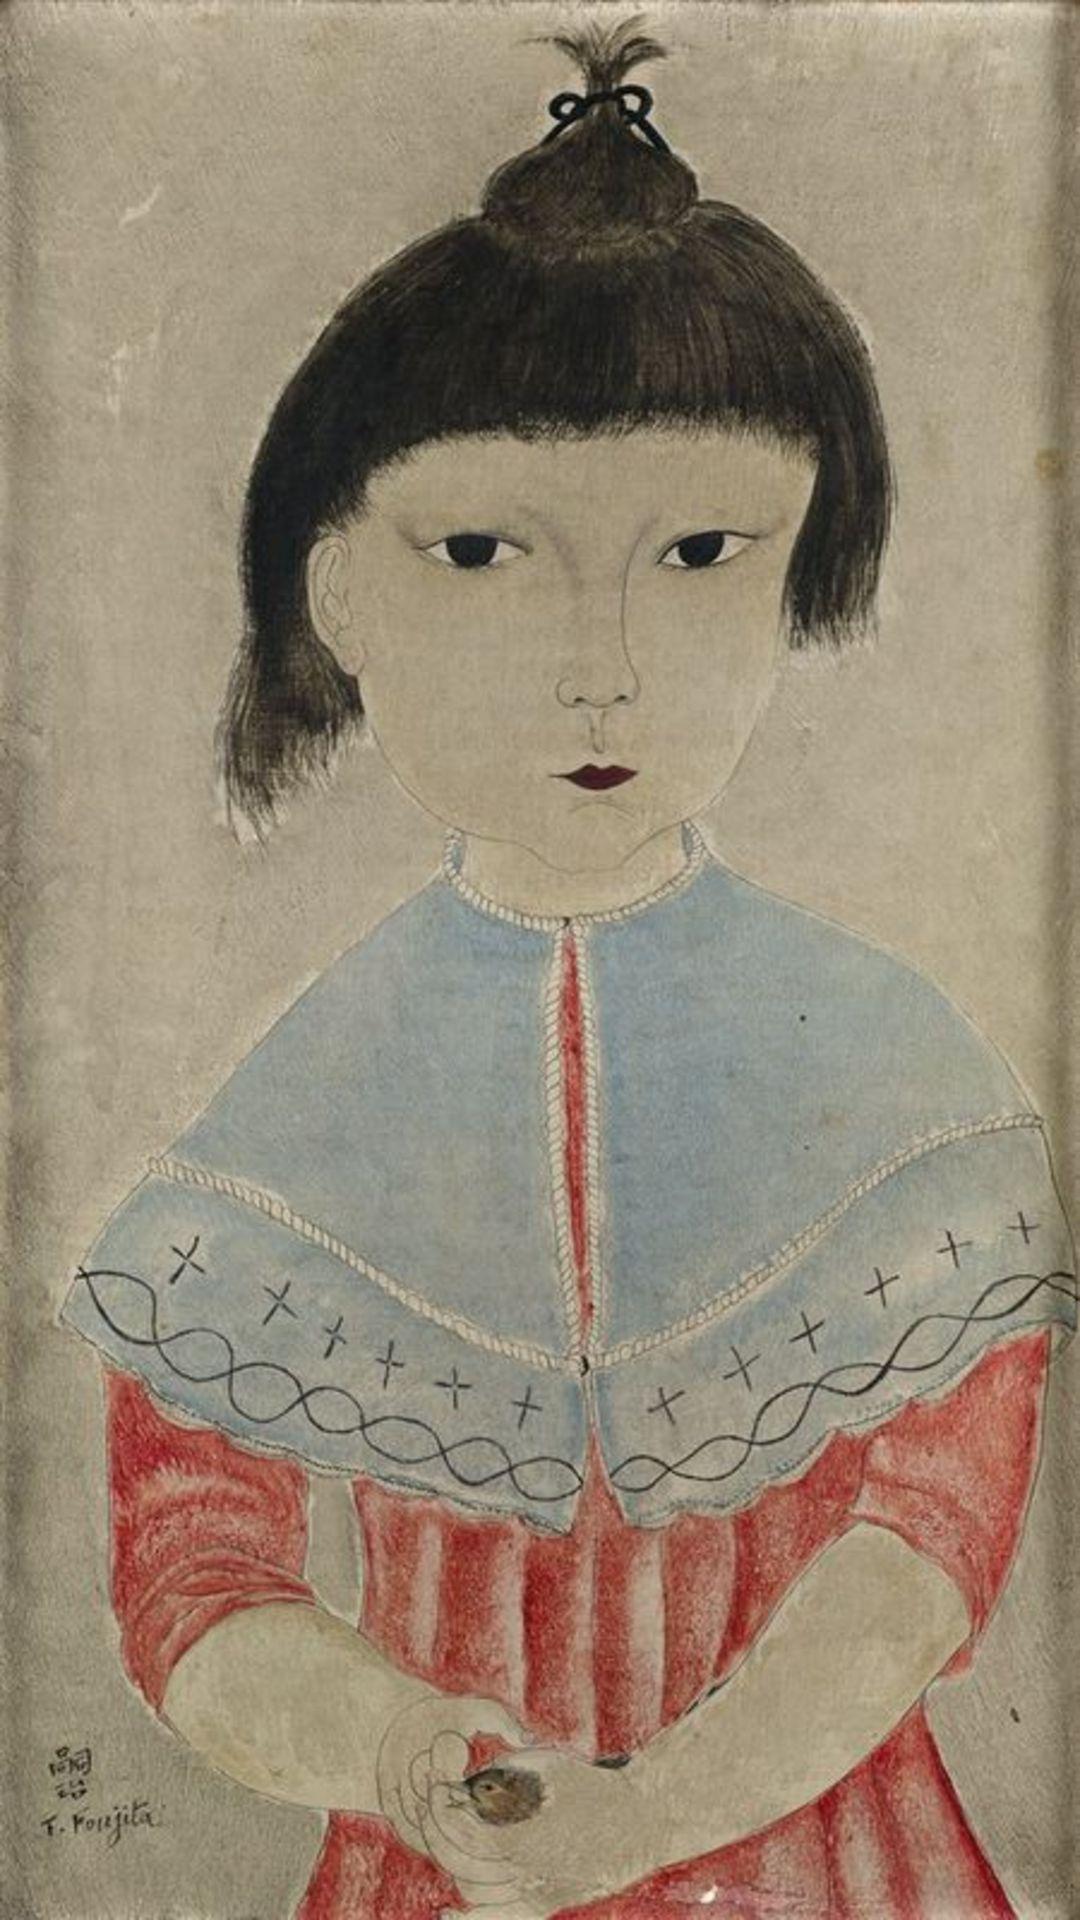 Tsuguharu Foujita (1886-1968) Fillette à l'oiseau (Little girl with bird) - [...]